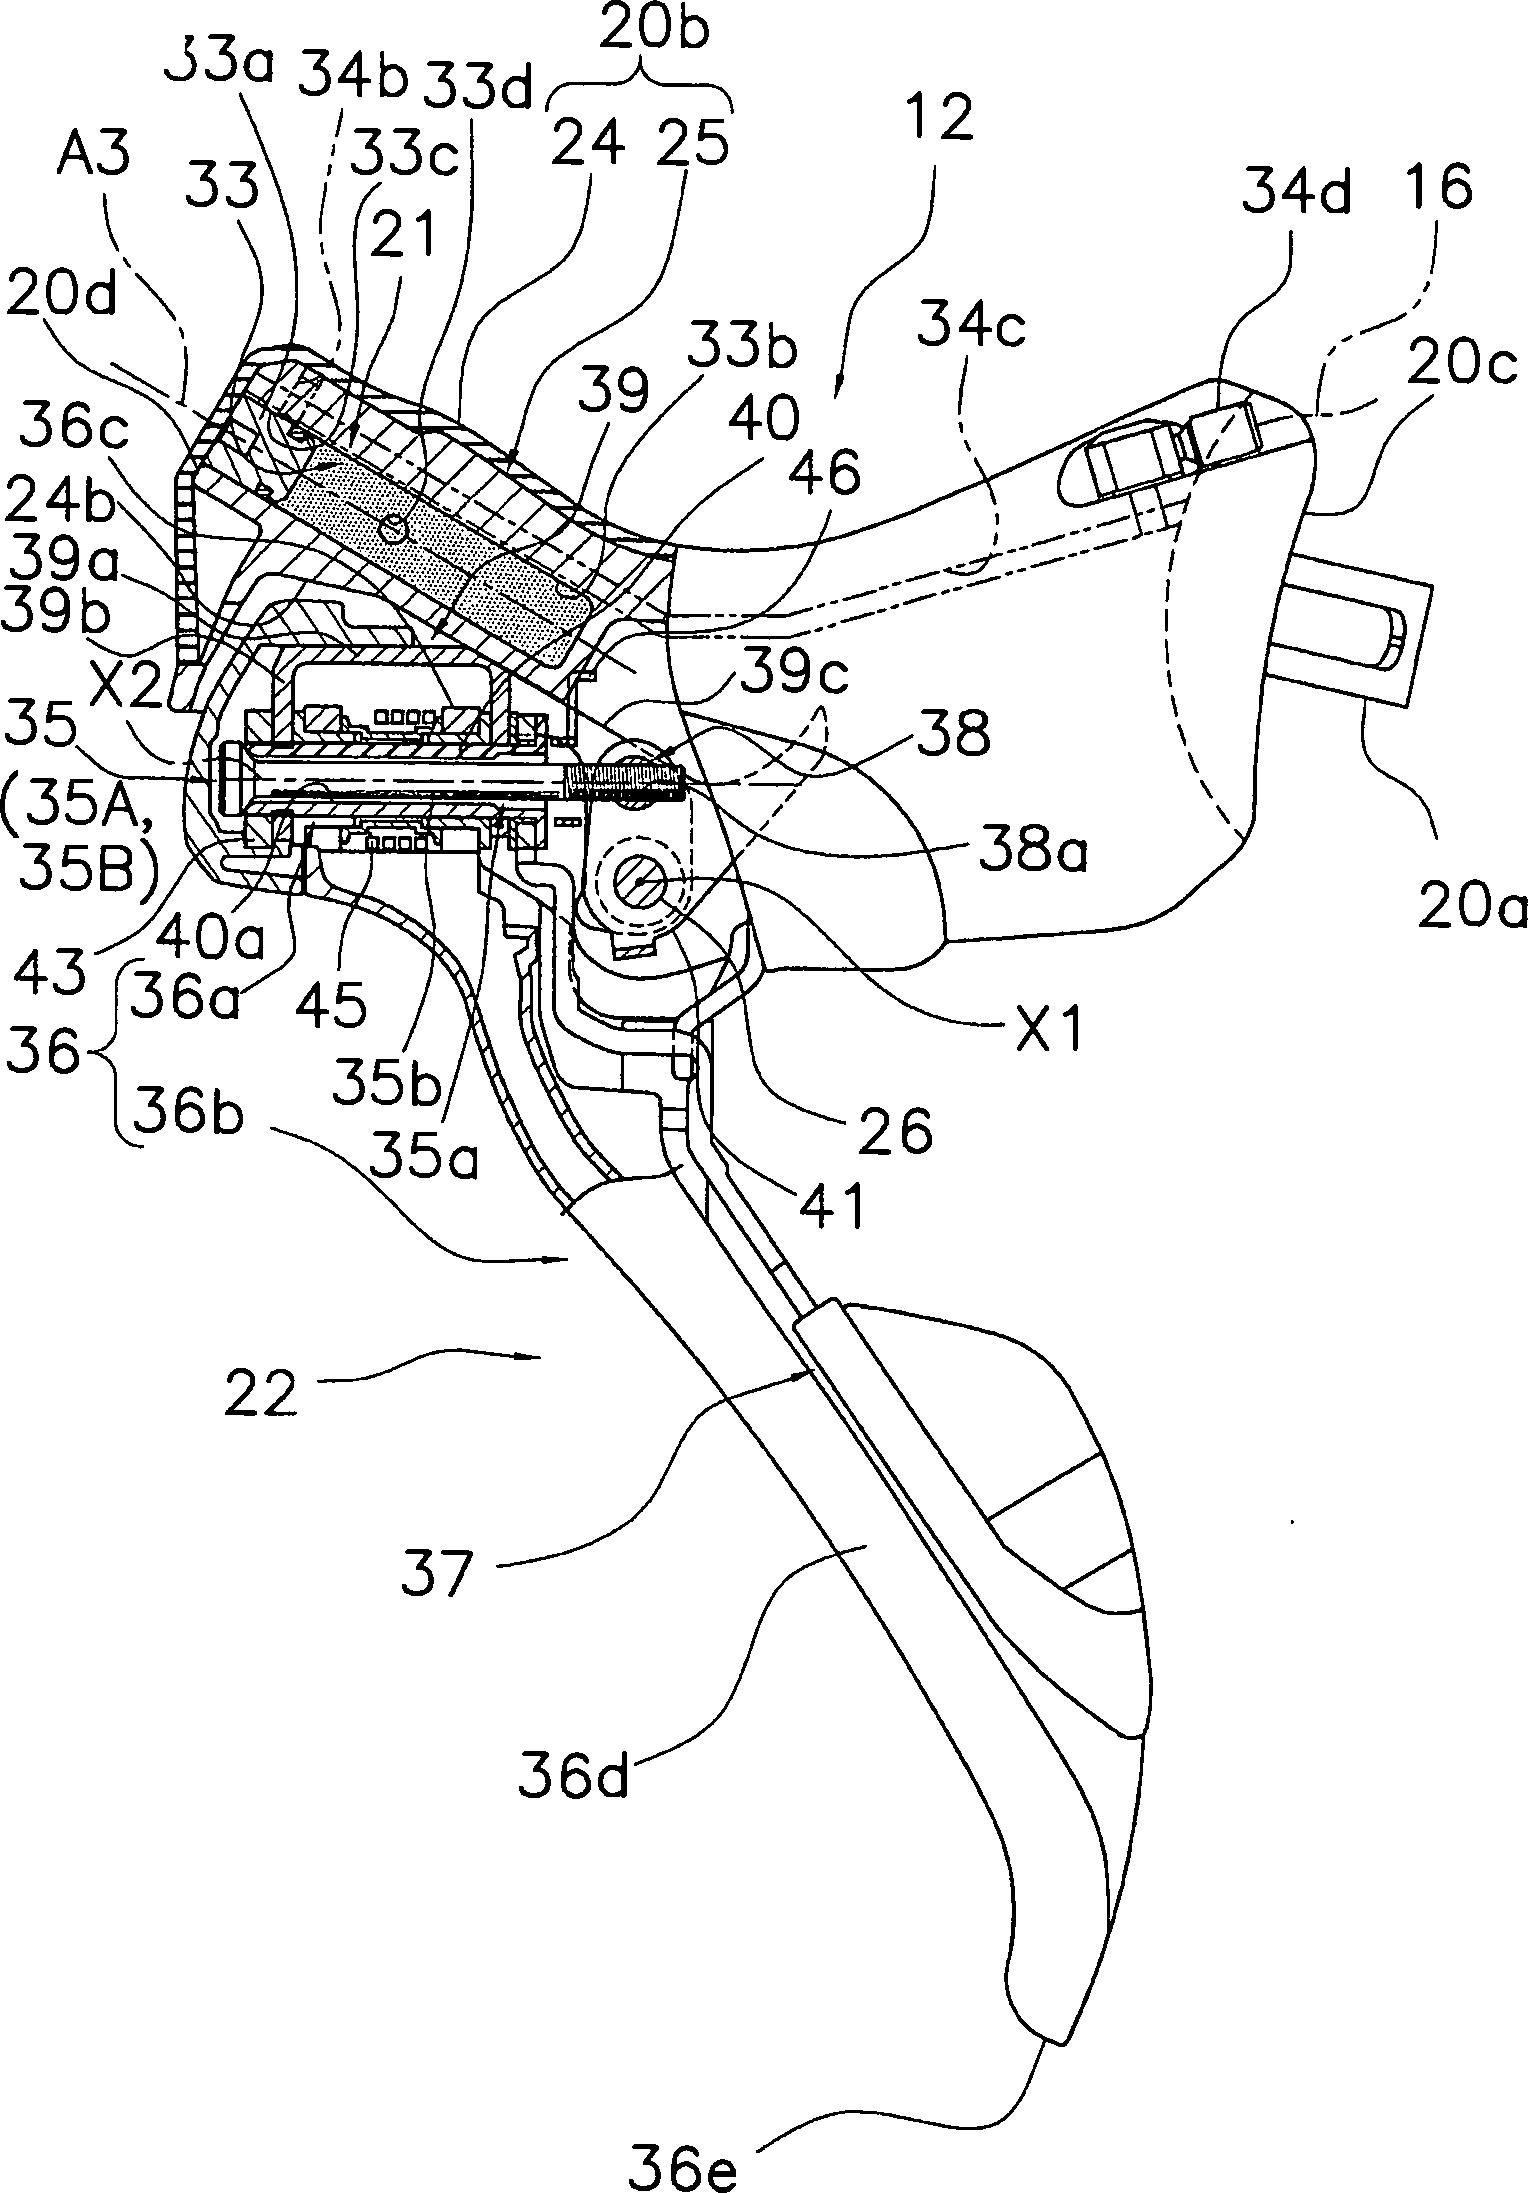 Figure DE102013021407A1_0001